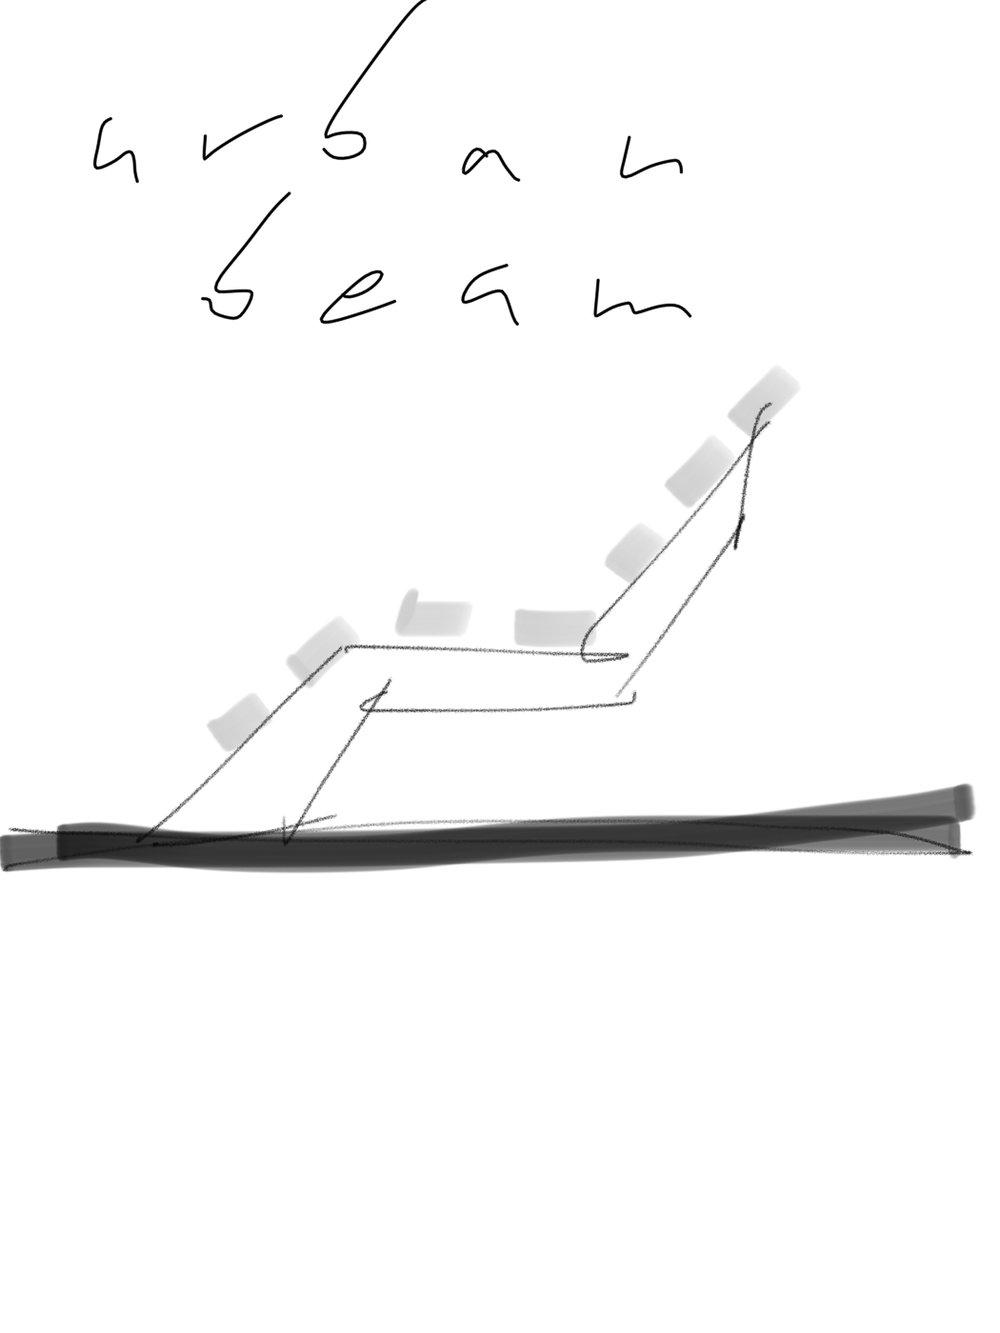 Sketch-477.jpg